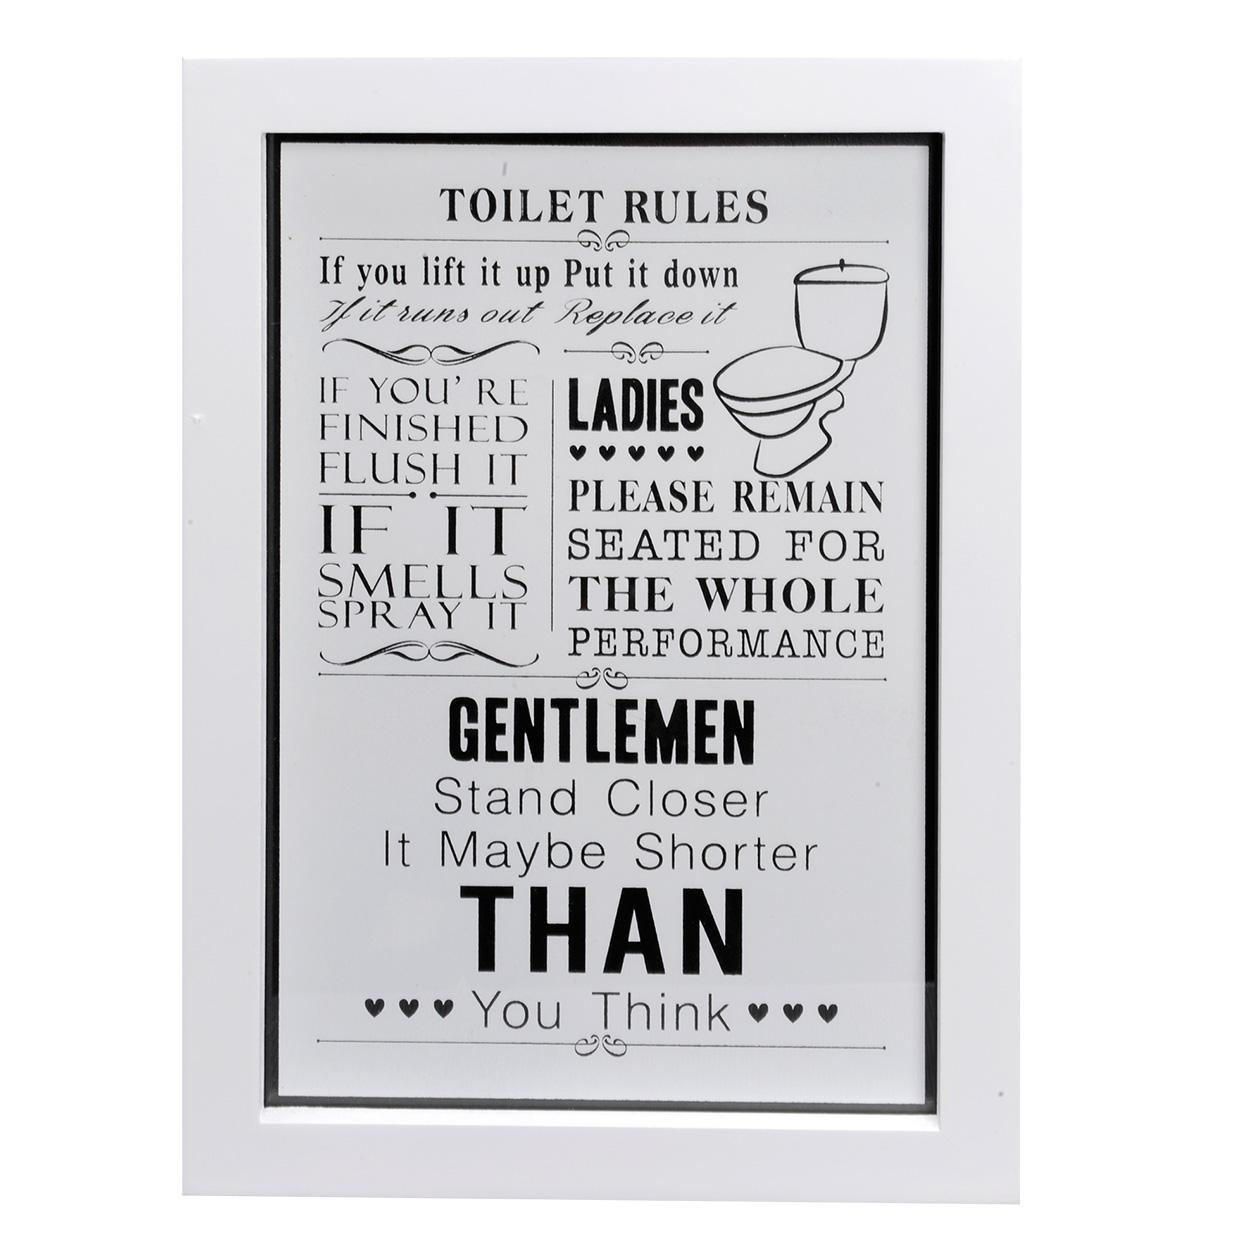 houten tekstbord toilet rules online kopen lobbesnl